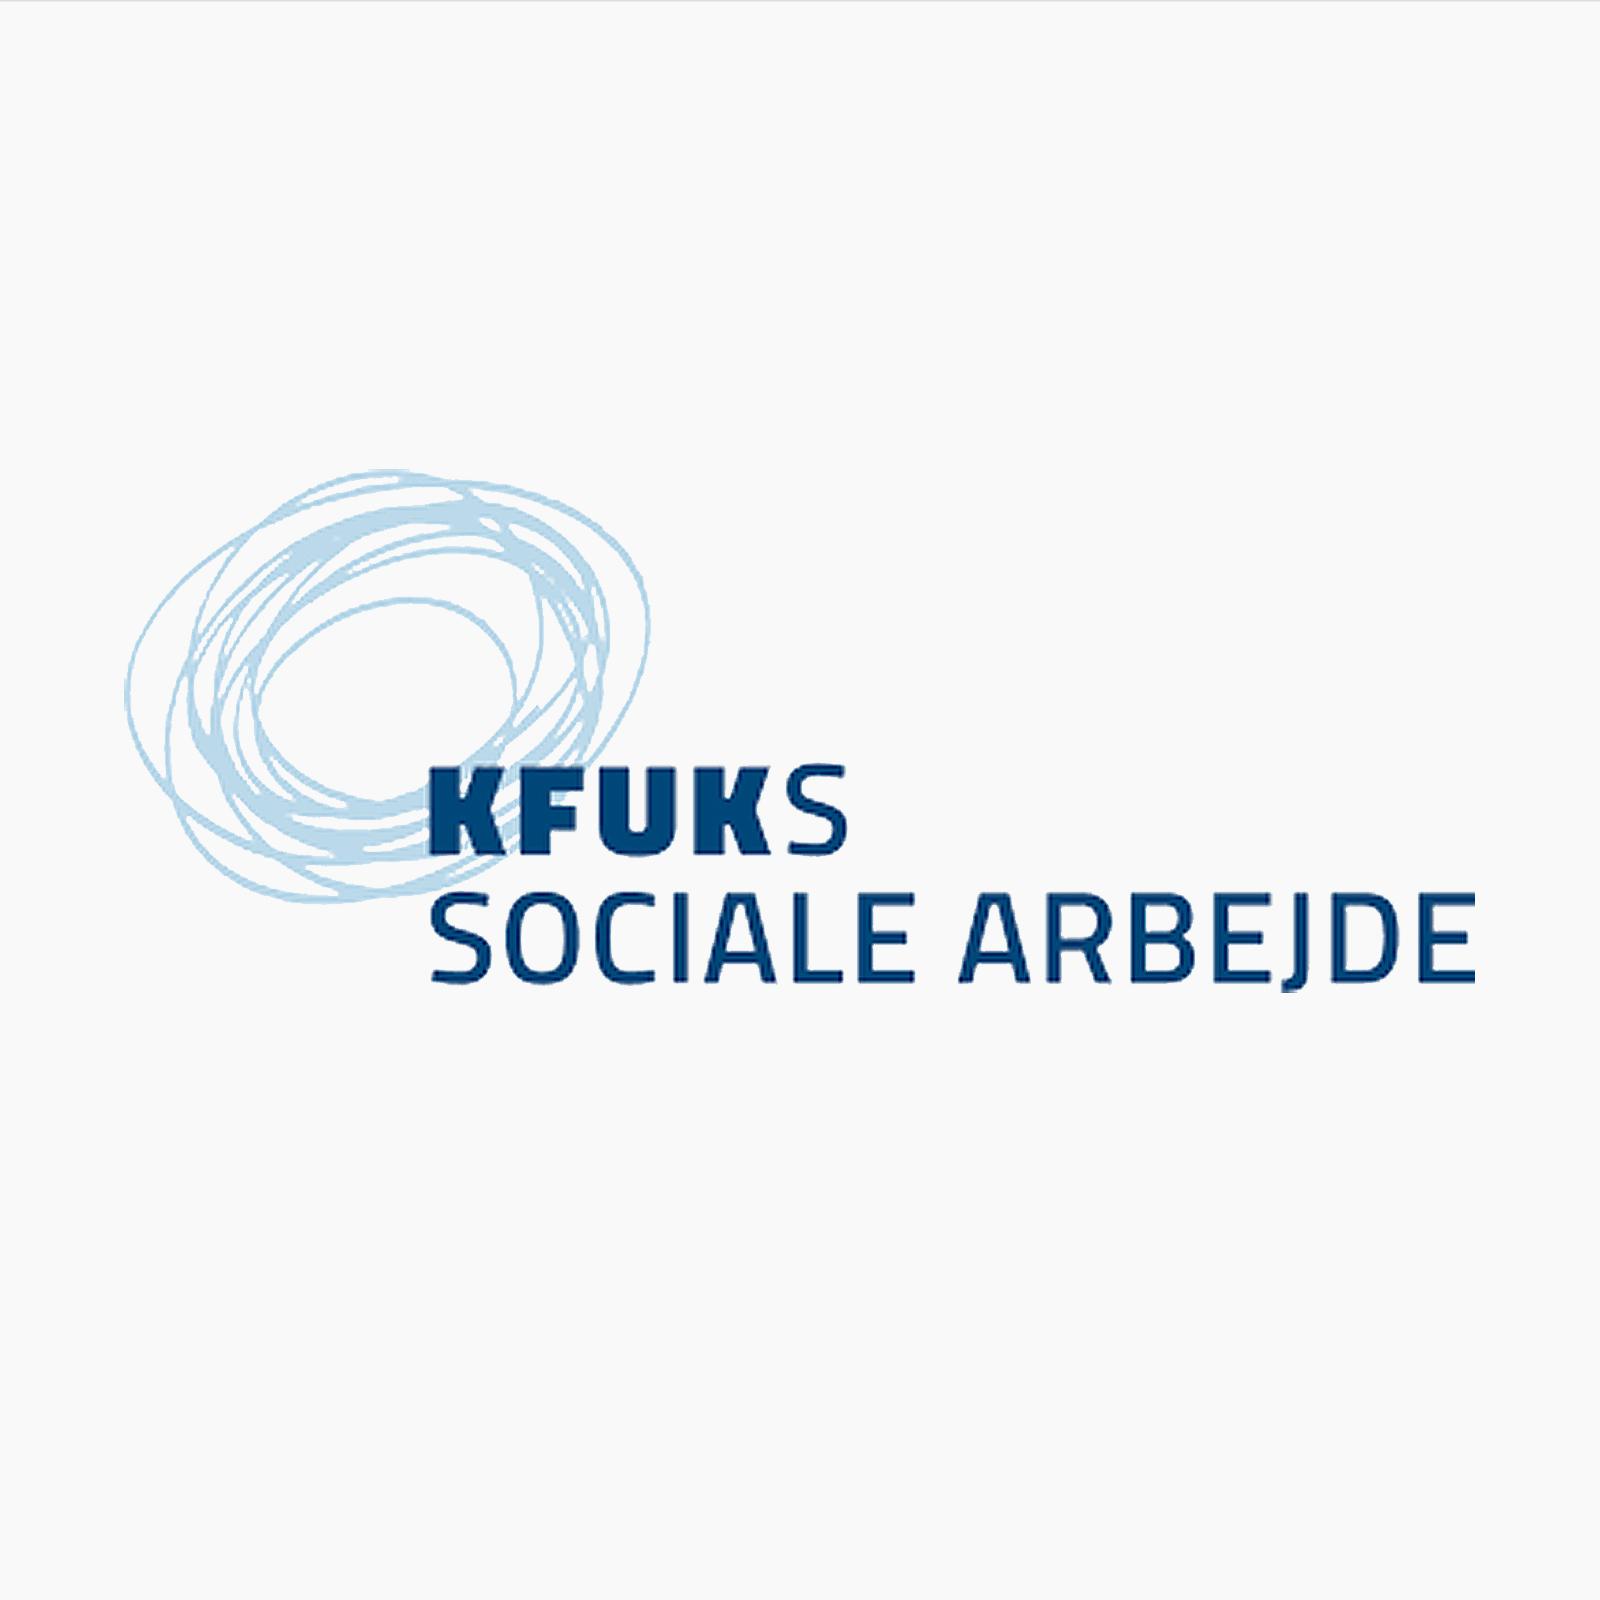 KFUK_04.jpg